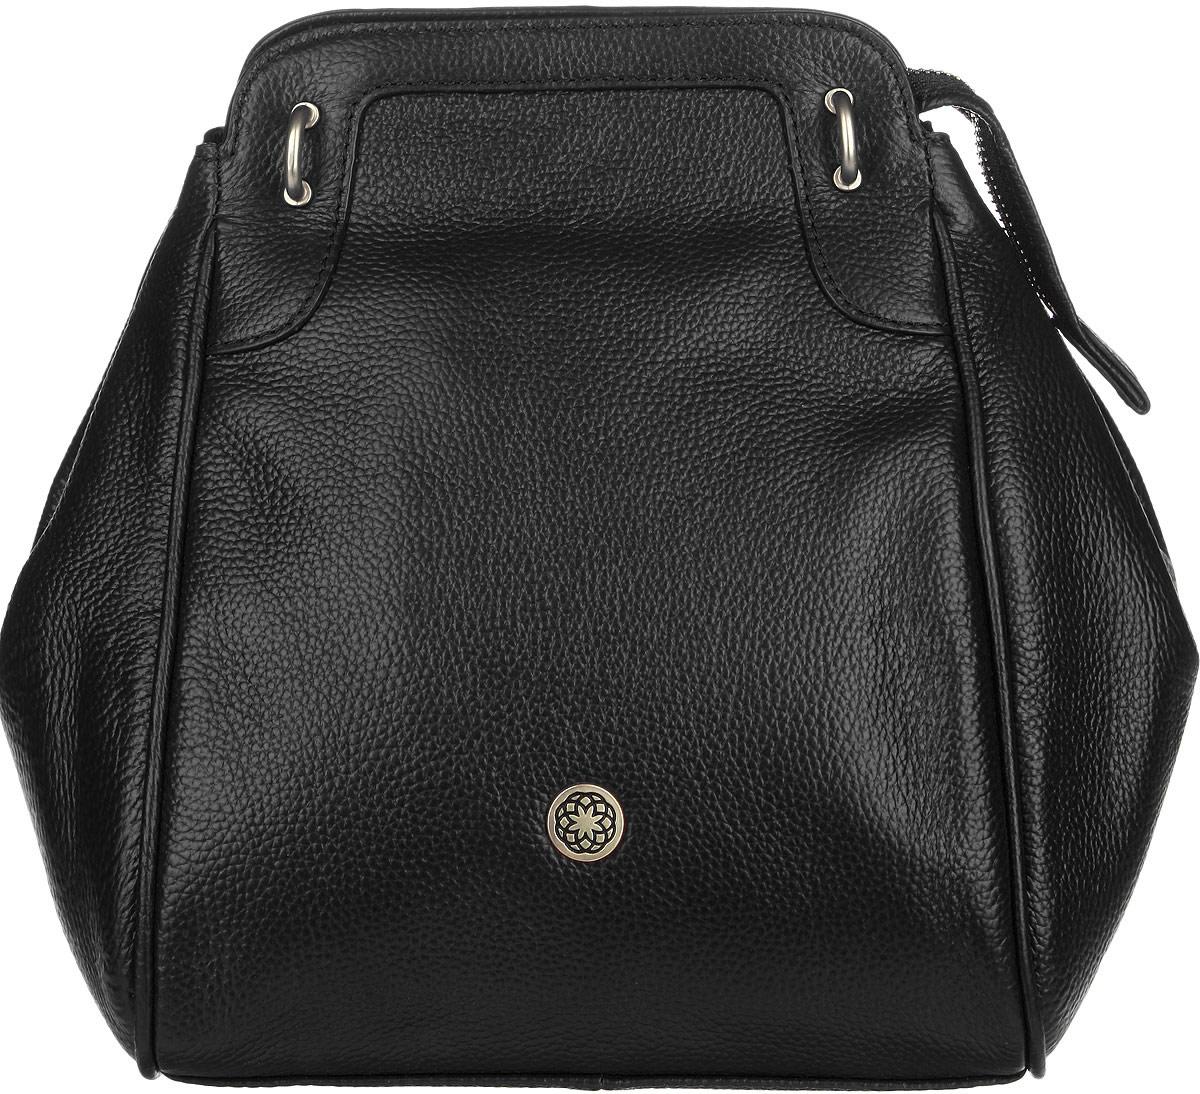 Сумка женская Fiorita, цвет: черный. 0665F0665F blackСтильная женская сумка Fiorita выполнена из натуральной кожи с фактурным тиснением. Изделие имеет одно основное отделение, которое закрывается на застежку-молнию. Дополнительно по бокам сумка застегивается на кнопки. Внутри находятся два прорезных кармашка на застежках-молниях и два накладных открытых кармашка. Снаружи, на задней стенке расположен прорезной карман на застежке-молнии. Изделие оснащено двумя съемными плечевыми ремнями, которые позволяют носить сумку на плече и трансформируют ее в рюкзак. Изделие упаковано в фирменный чехол. Такая сумка дополнит ваш образ и сделает его завершенным.